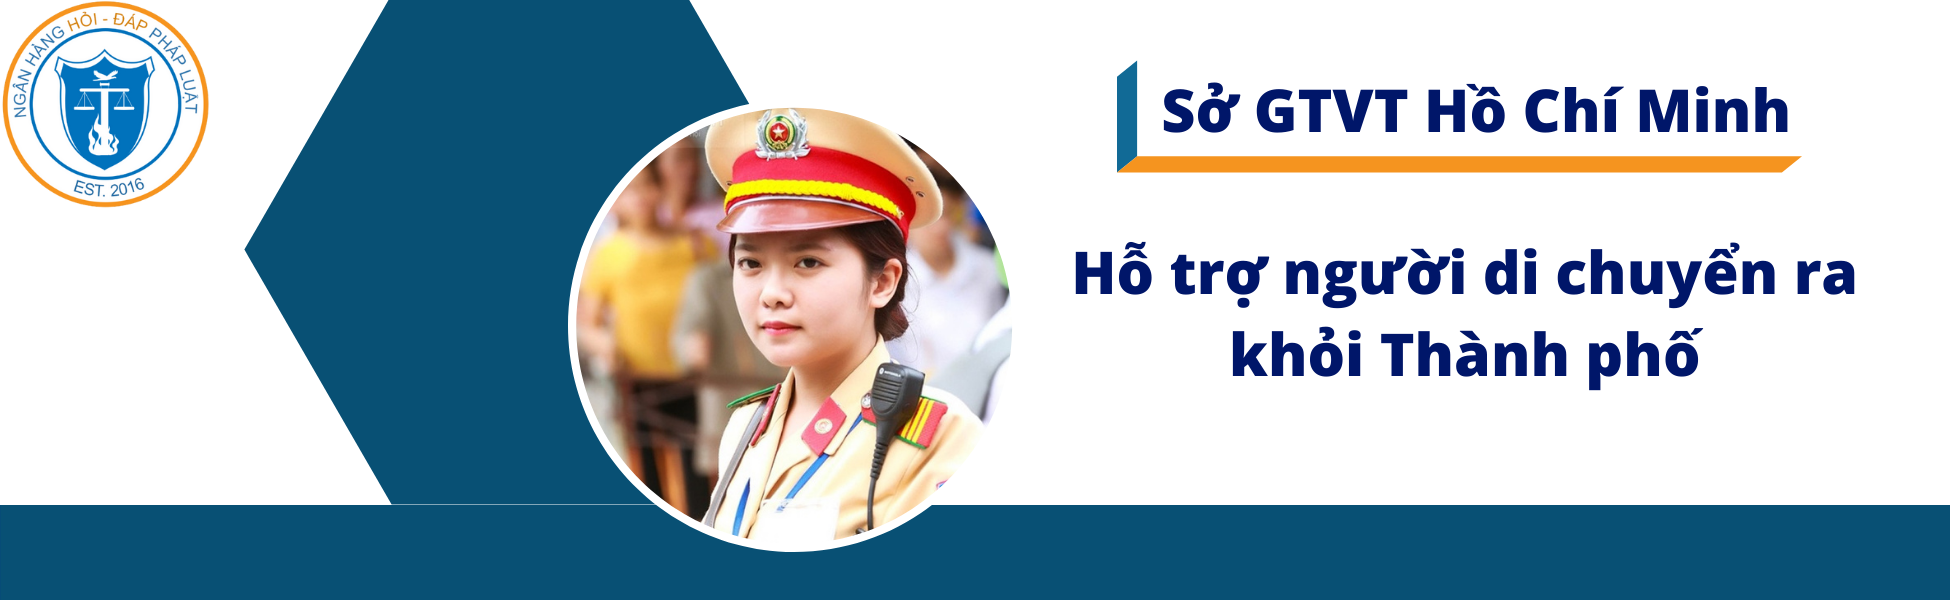 Đối tượng được Sở Giao thông vận tải Thành phố Hồ Chí Minh hỗ trợ di chuyển ra khỏi Thành phố